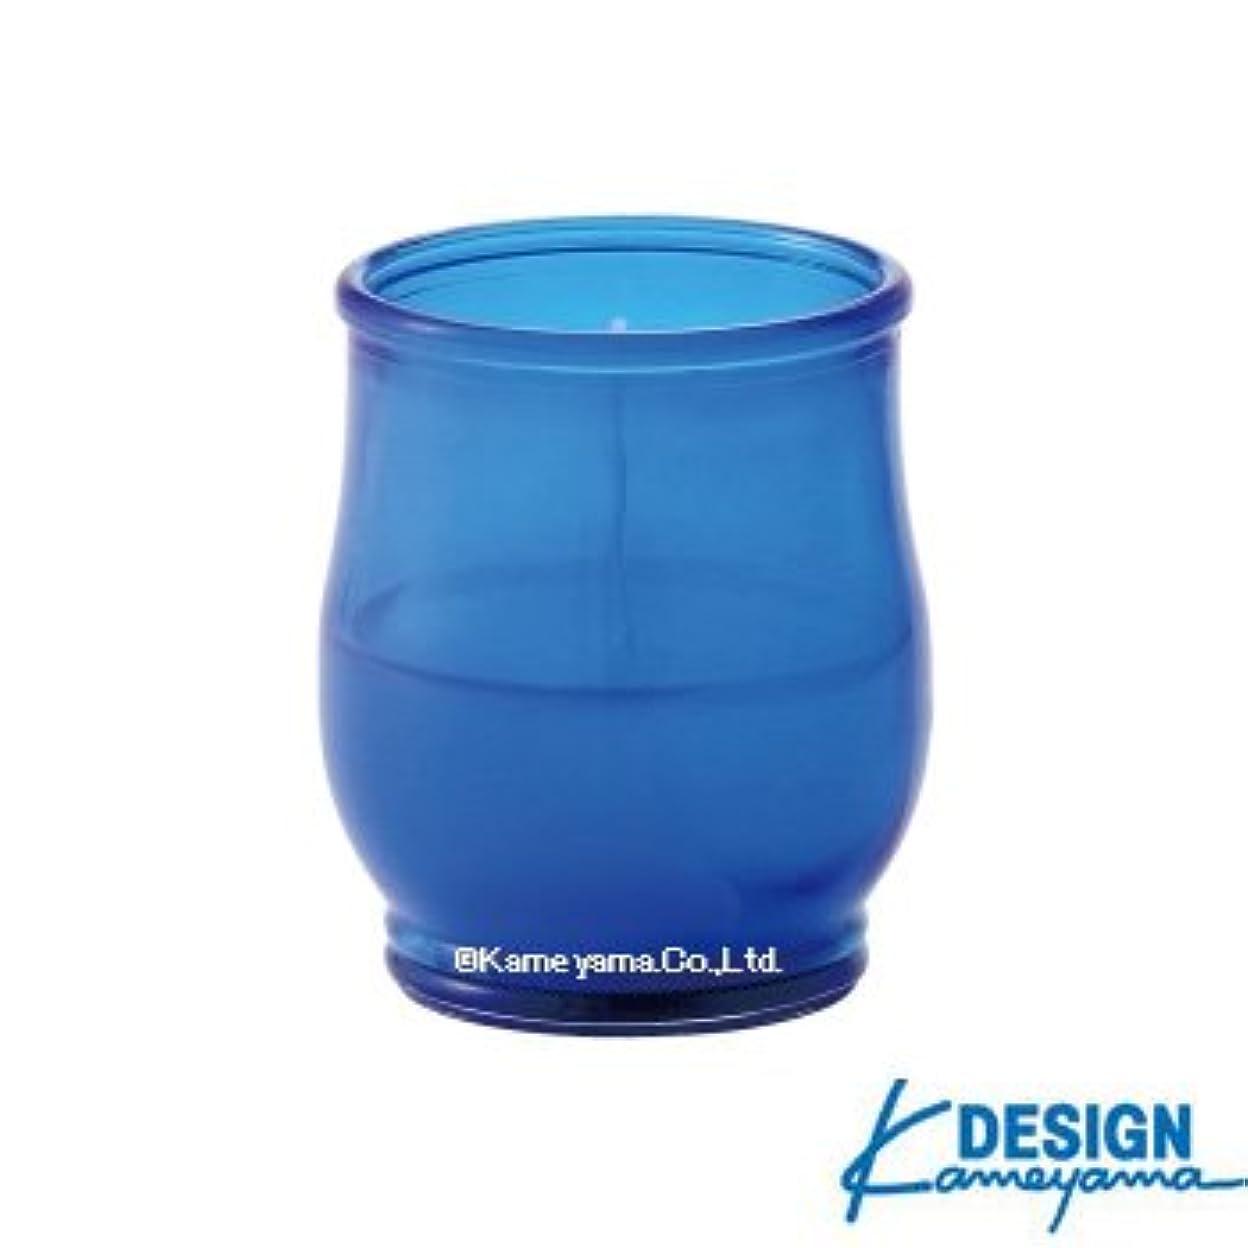 彫るアンソロジータービンカメヤマキャンドル グラスキャンドル ポシェ ex ブルー 6個セット